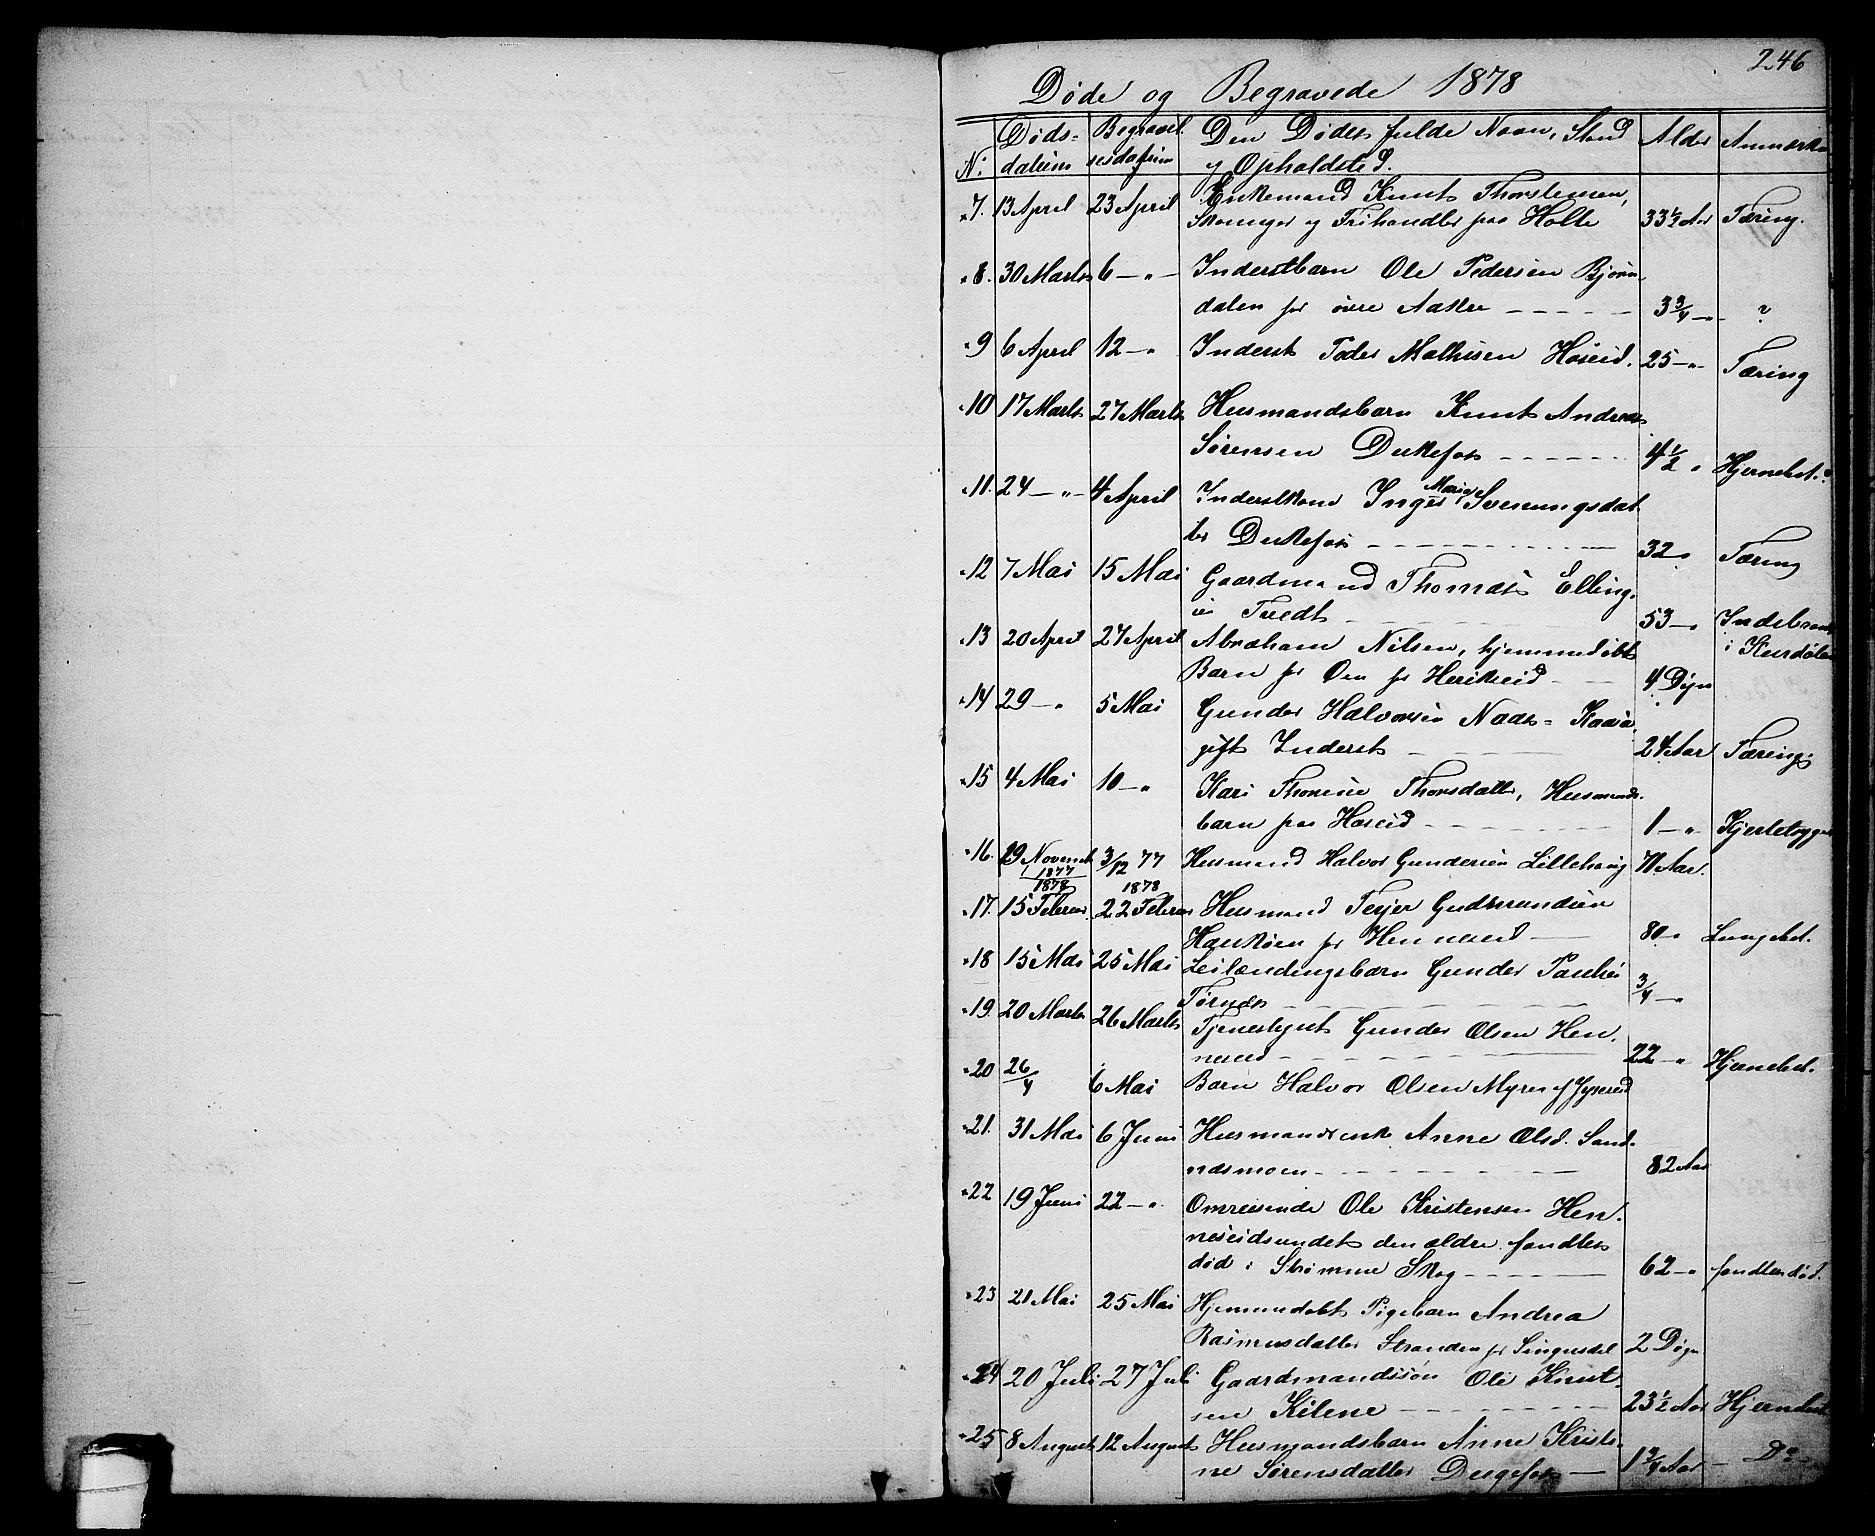 SAKO, Drangedal kirkebøker, G/Ga/L0002: Klokkerbok nr. I 2, 1856-1887, s. 246